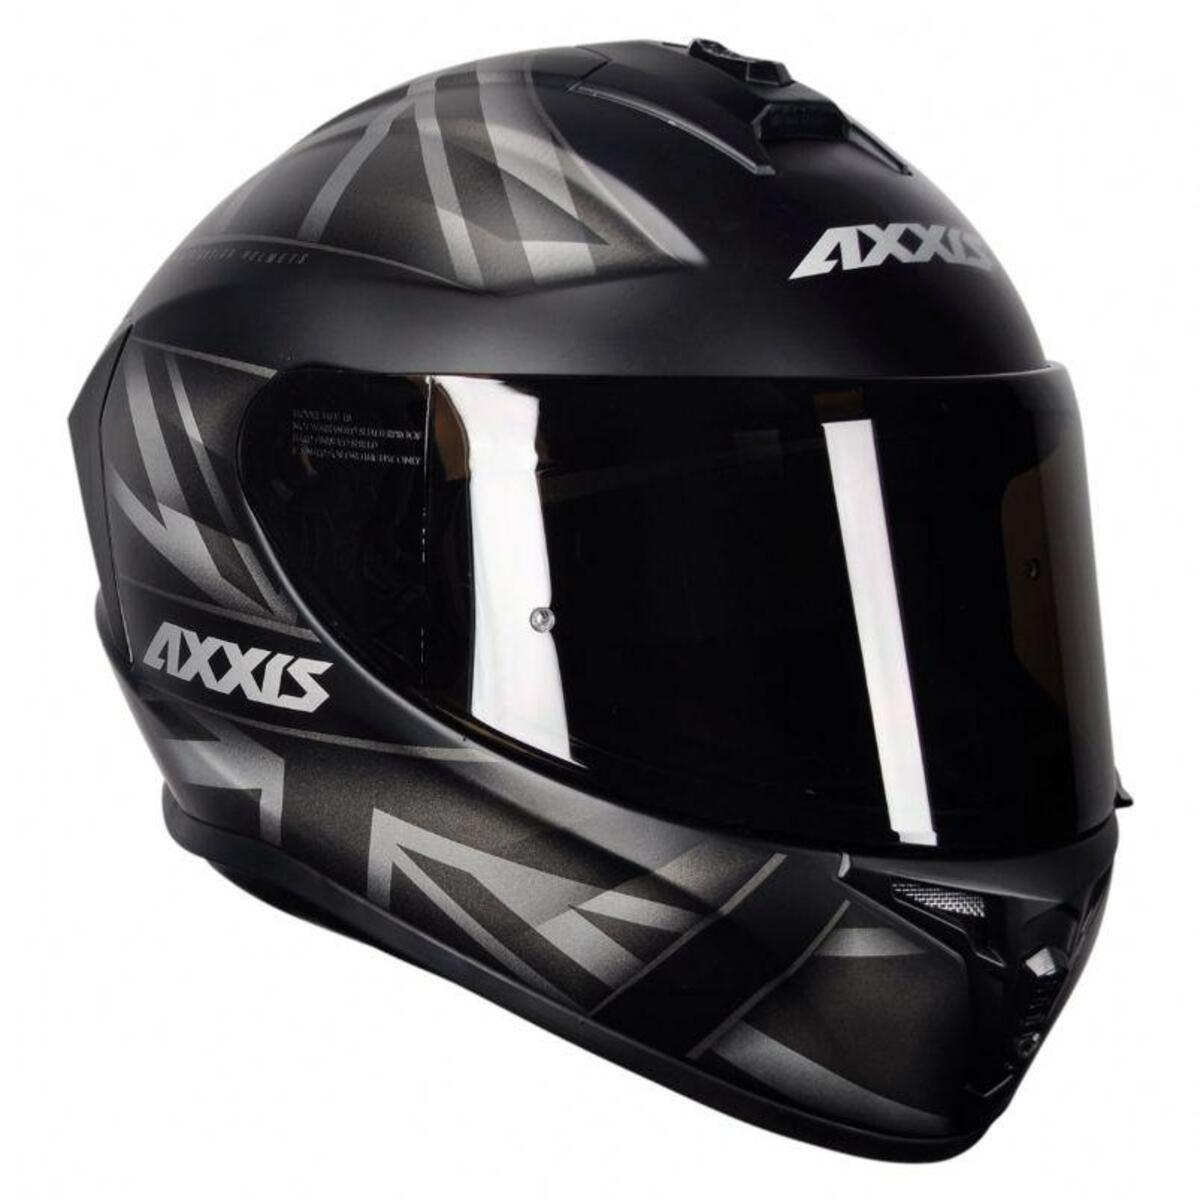 CAPACETE AXXIS DRAKEN UK MATTE BLACK/GREY 56/S